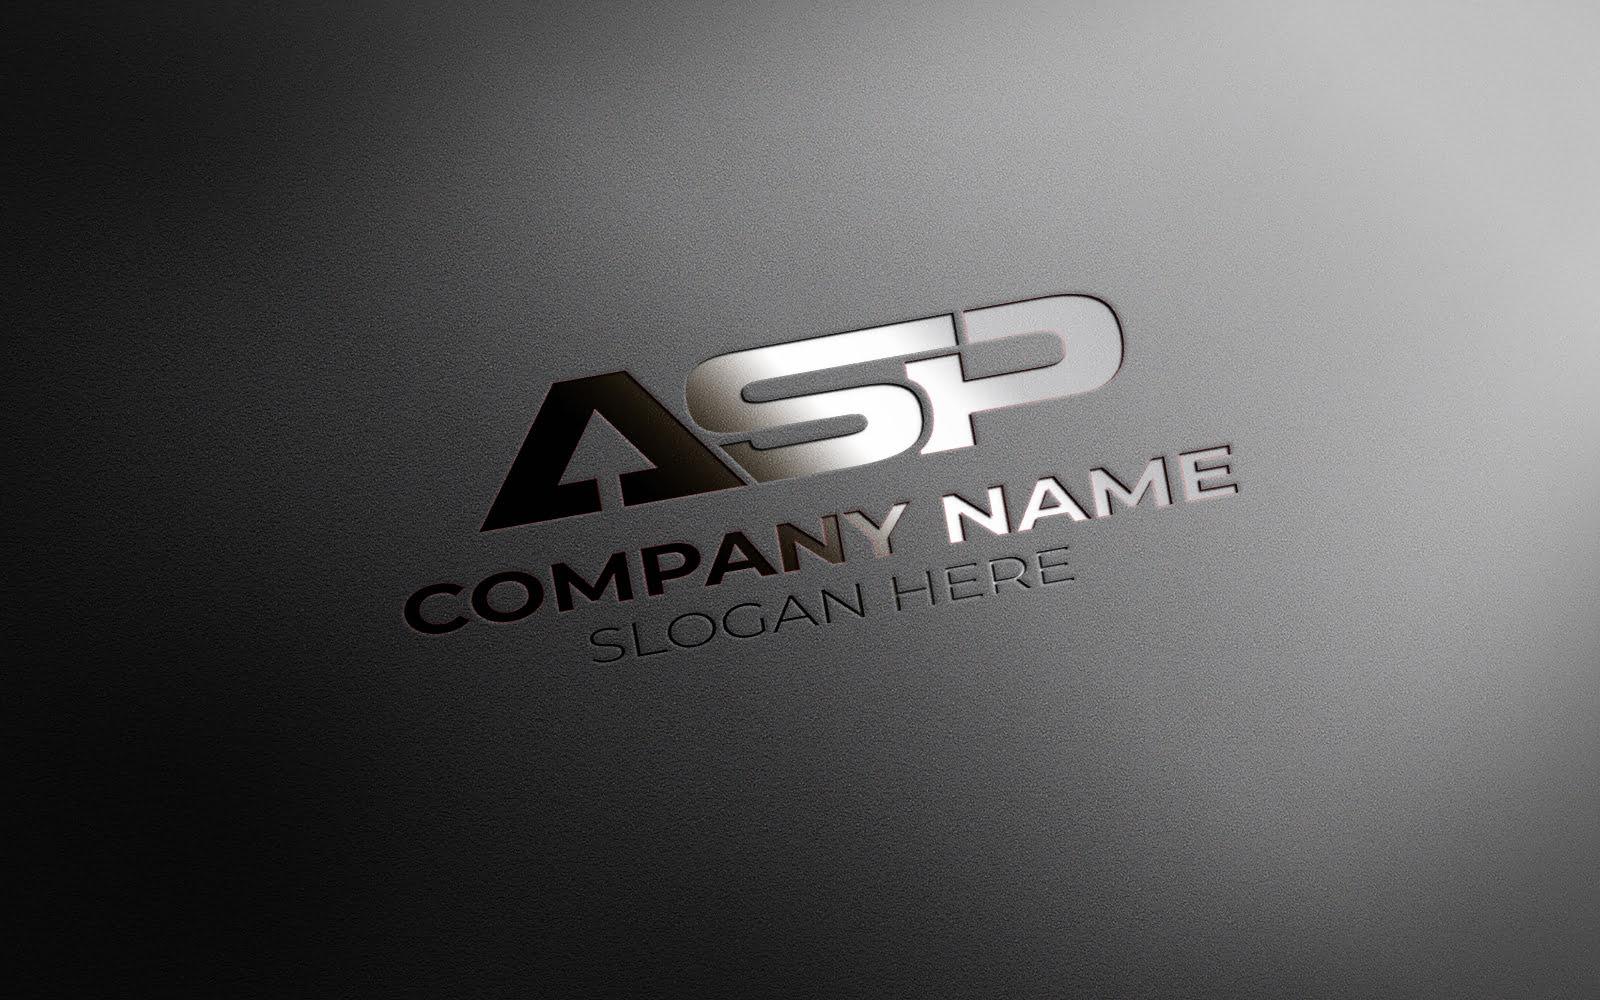 ASP LETTER LOGO DESIGN